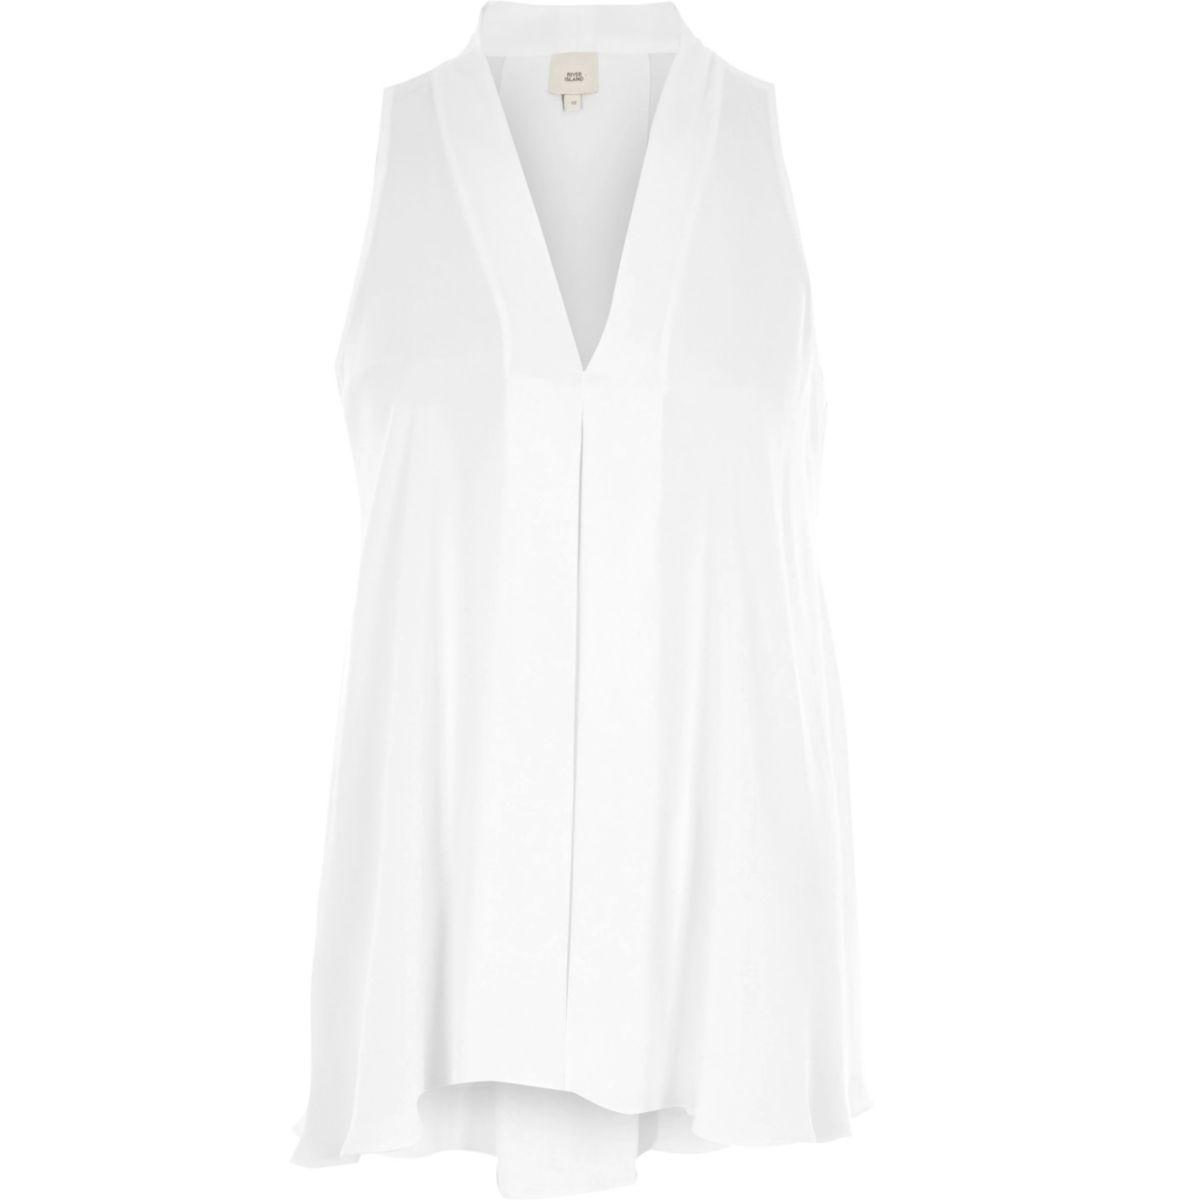 Weiße, ärmellose Bluse mit V-Ausschnitt